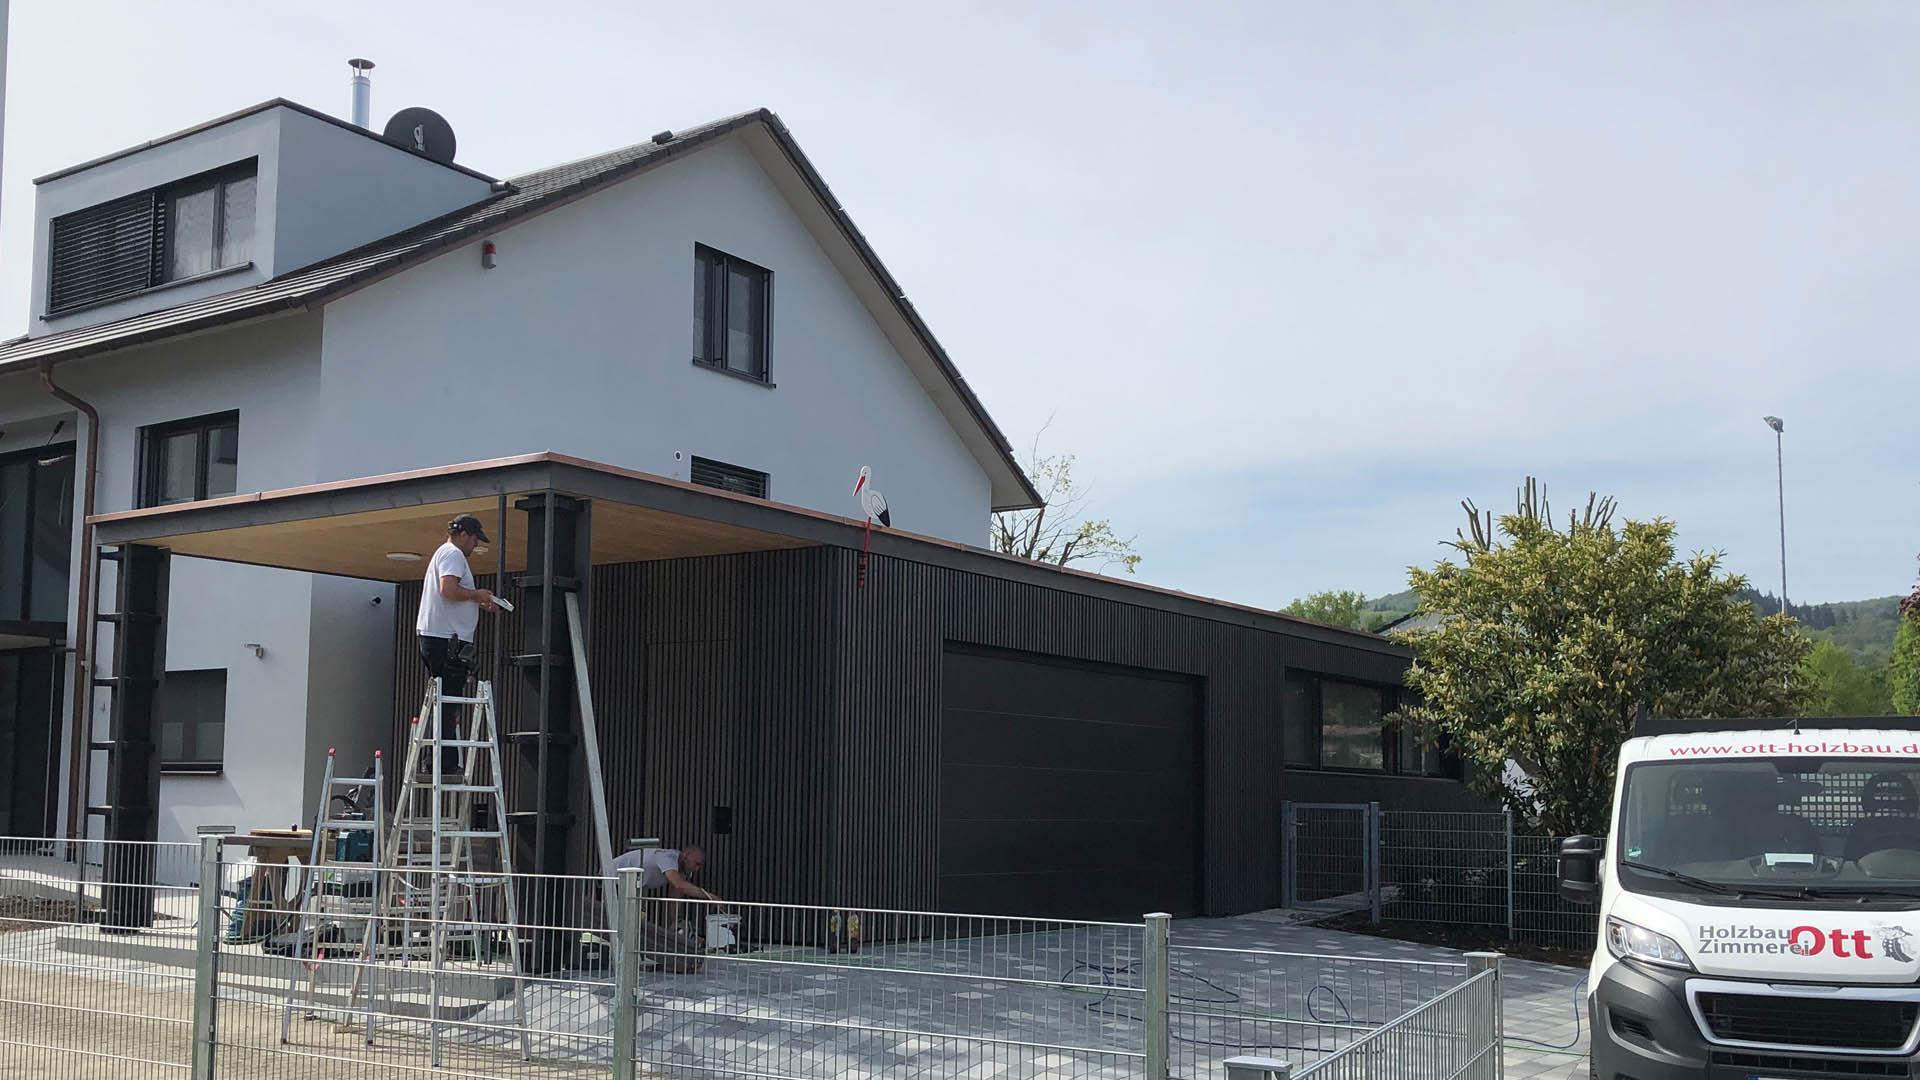 Holzbau-ott-guendlingen-dachsanierung-mit-anbau8